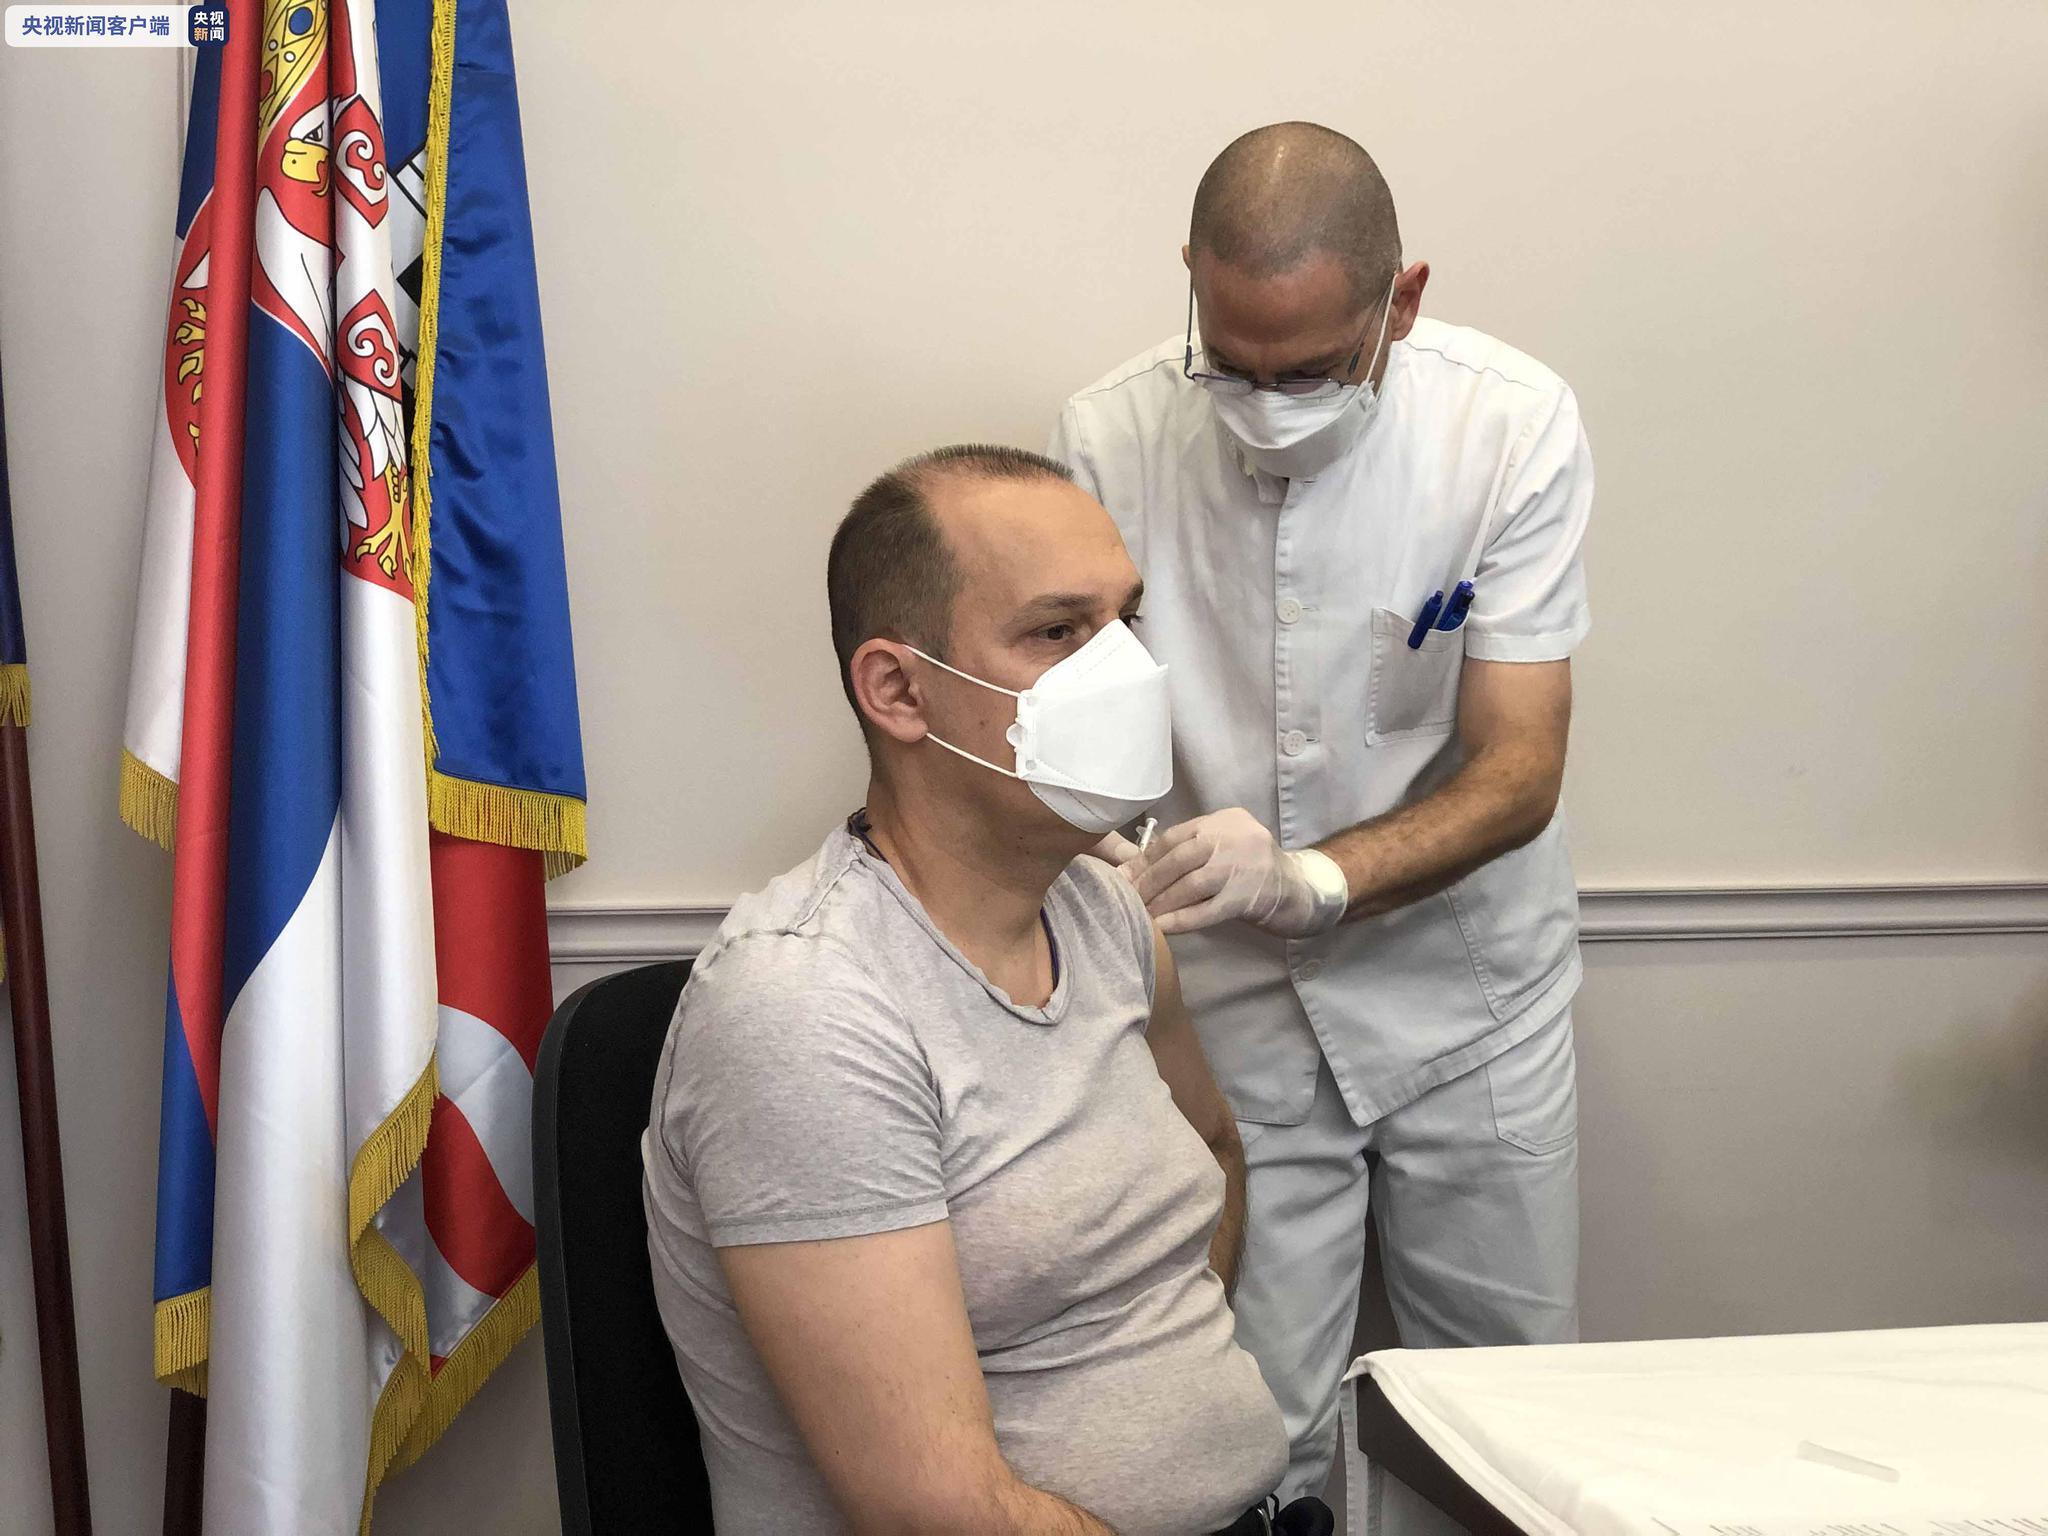 塞尔维亚卫生部长隆查尔成为该国接种中国疫苗第一人